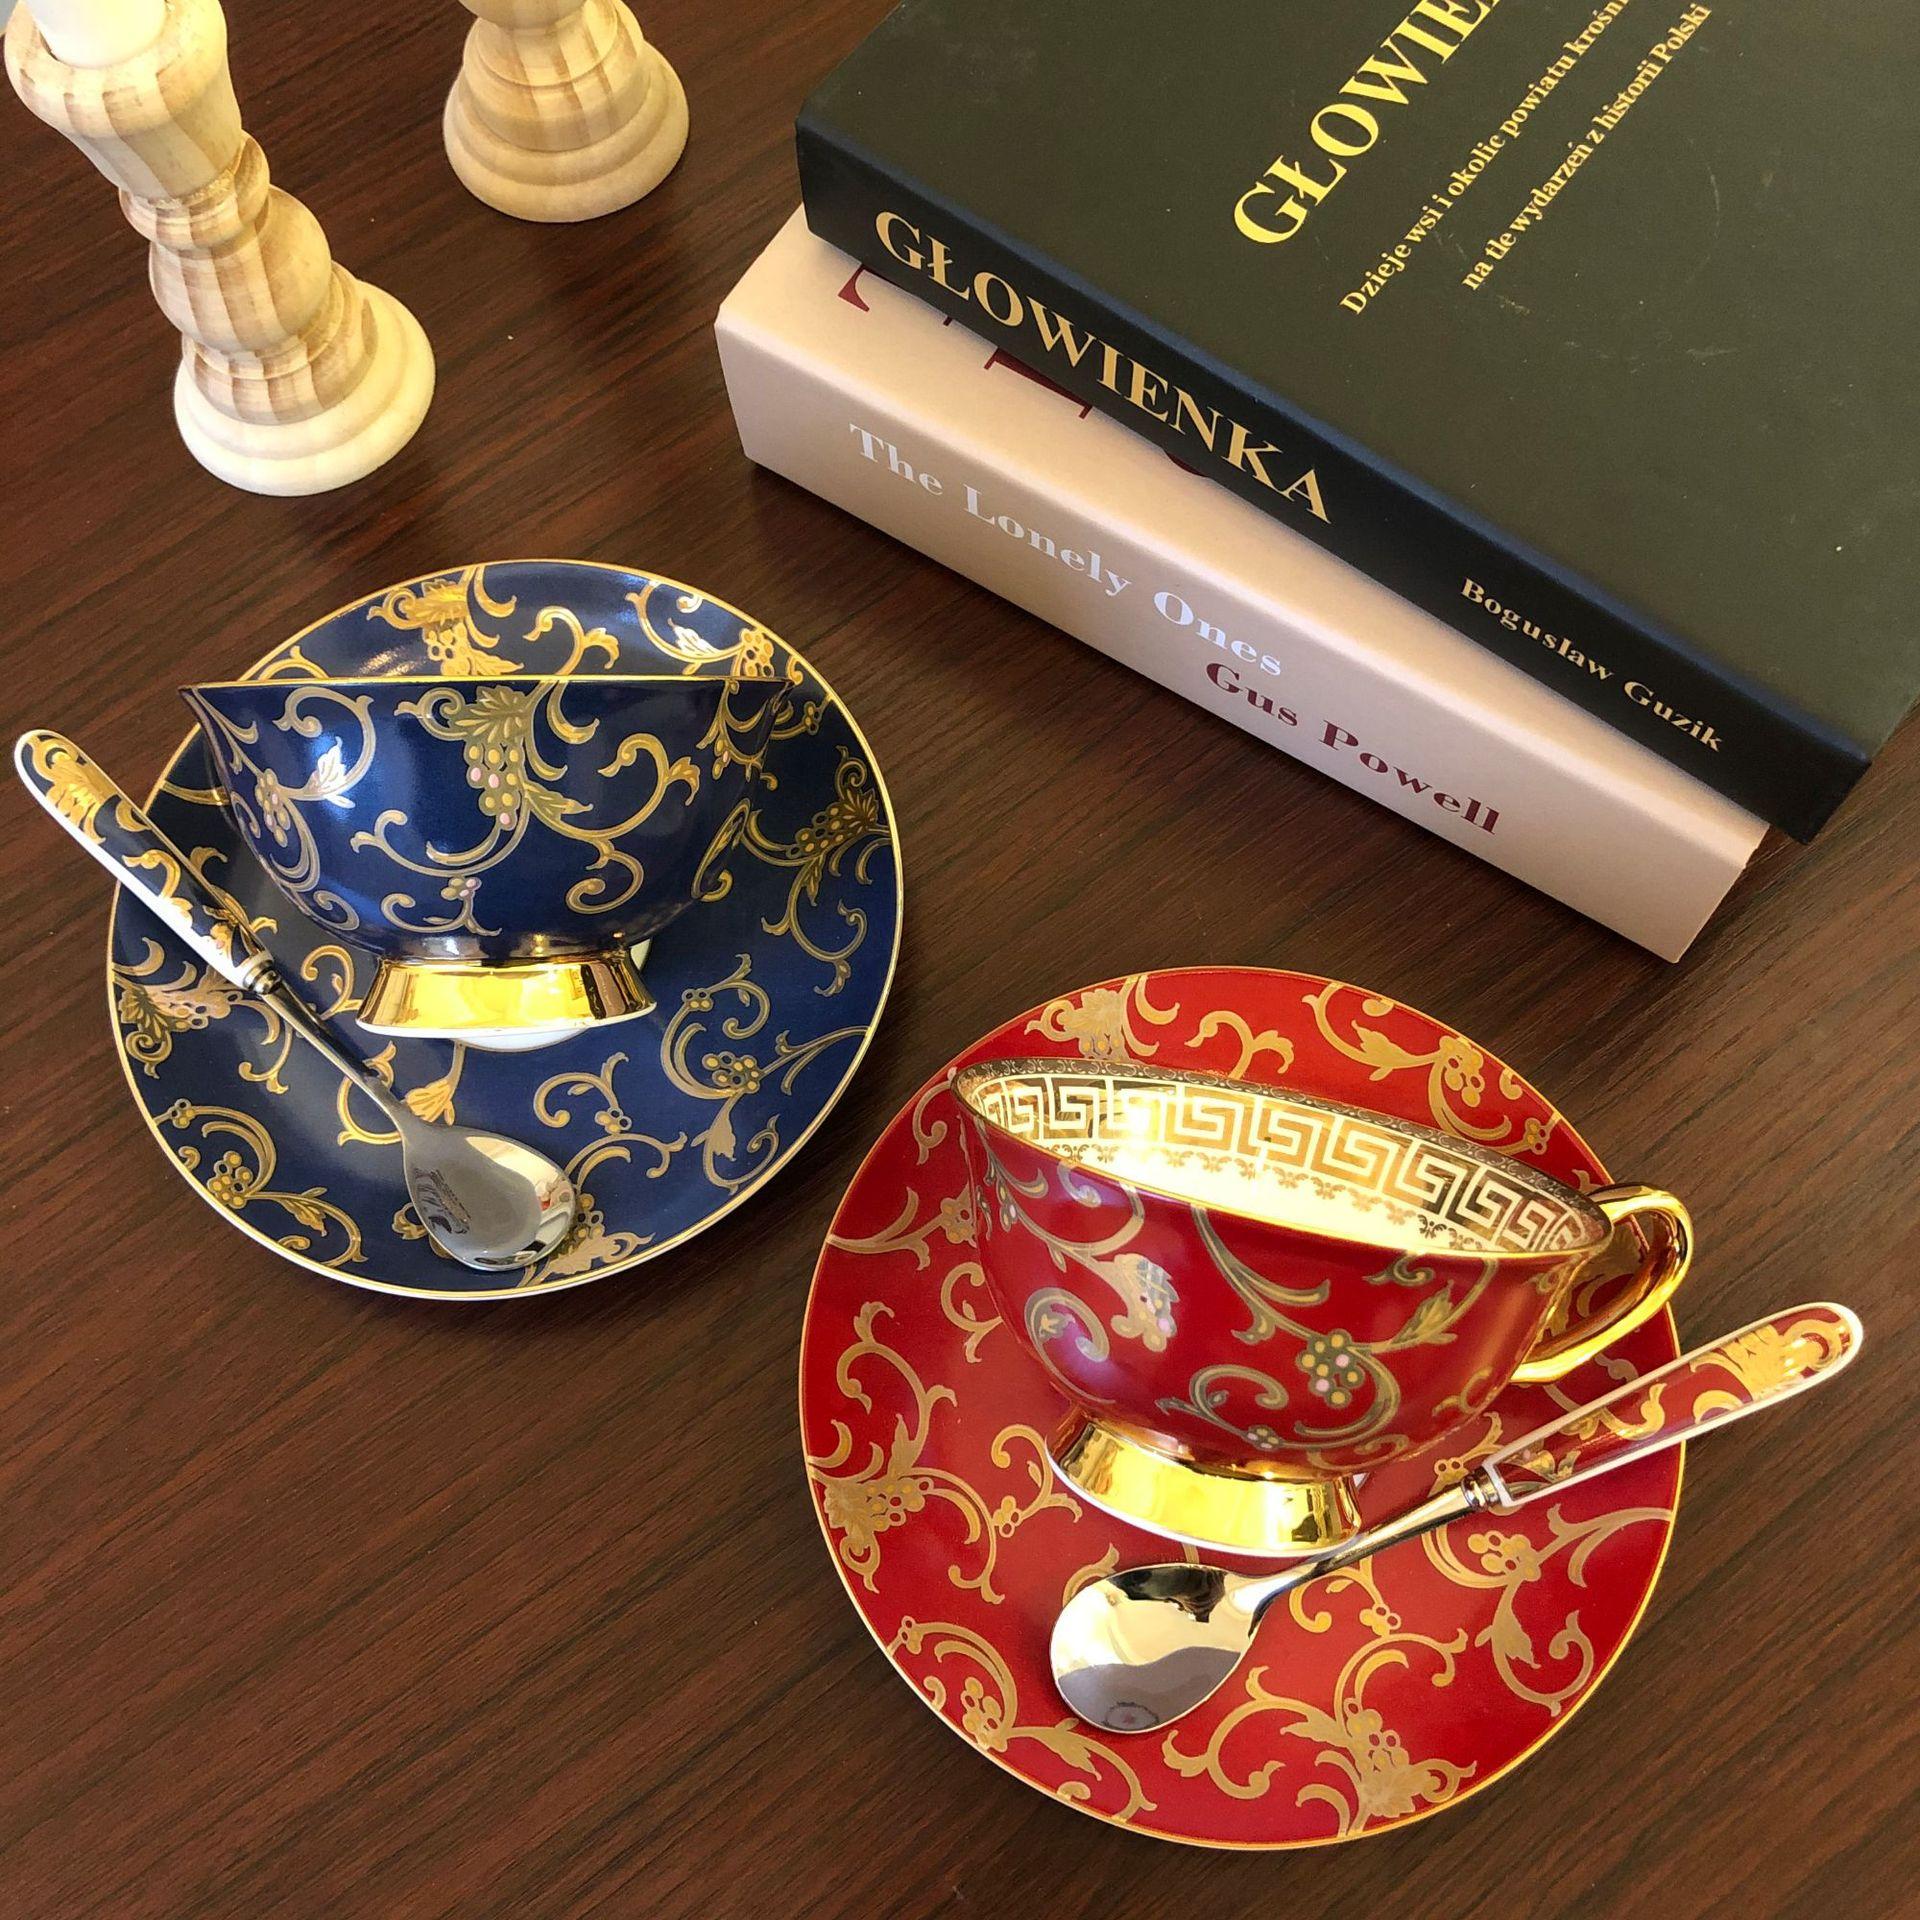 فنجان القهوة ، لوحة ، كوب أحمر ، طقم صيني العظام الإنجليزية ، نمط المحكمة الأوروبية ، طقم شاي بعد الظهر ، كوب زهرة ، كوب الإفطار